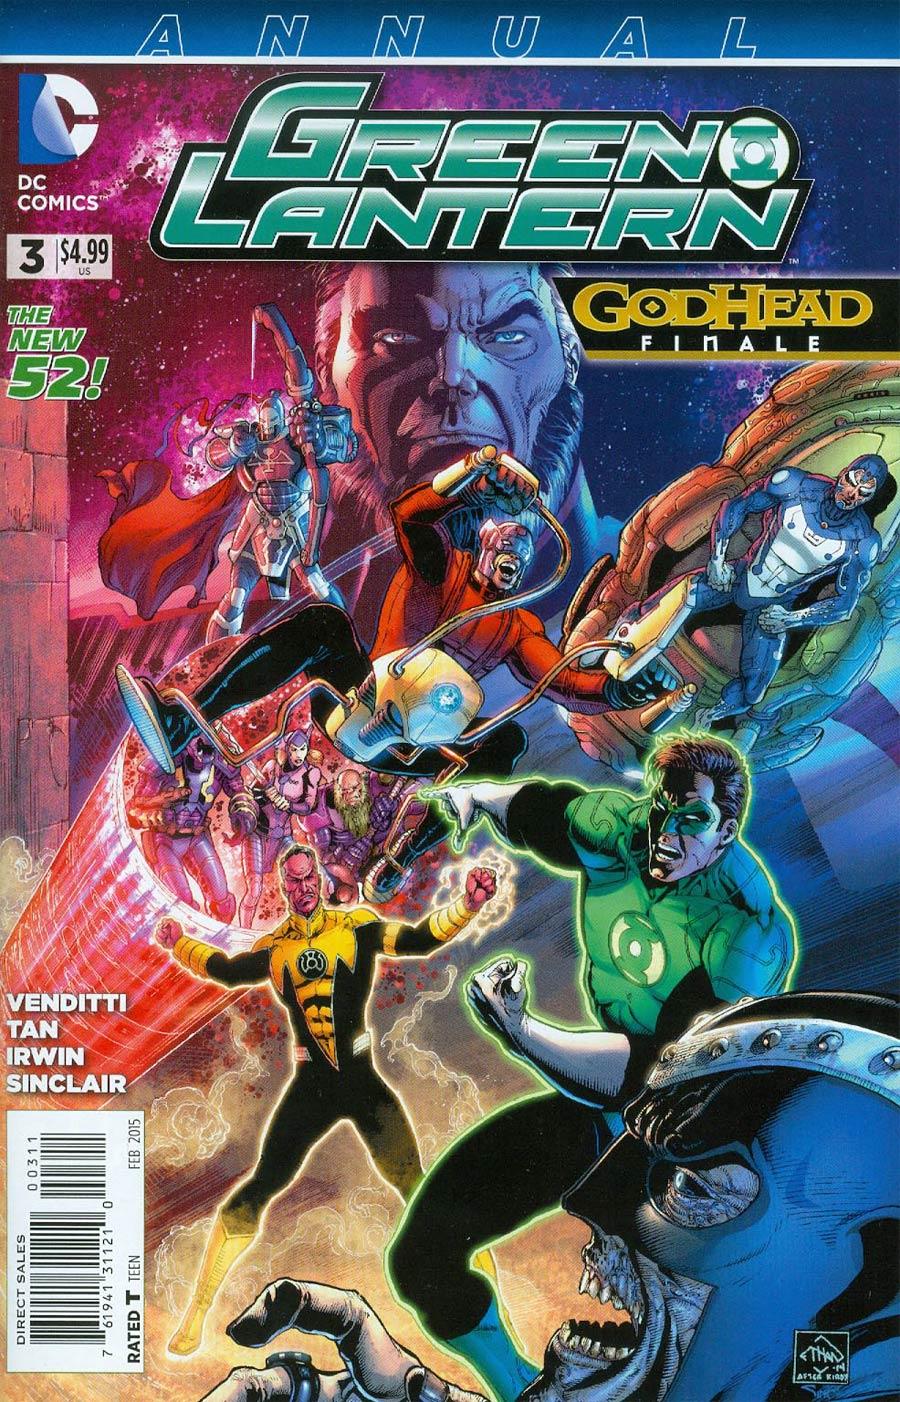 Green Lantern Vol 5 Annual #3 (Godhead Act 3 Part 6)